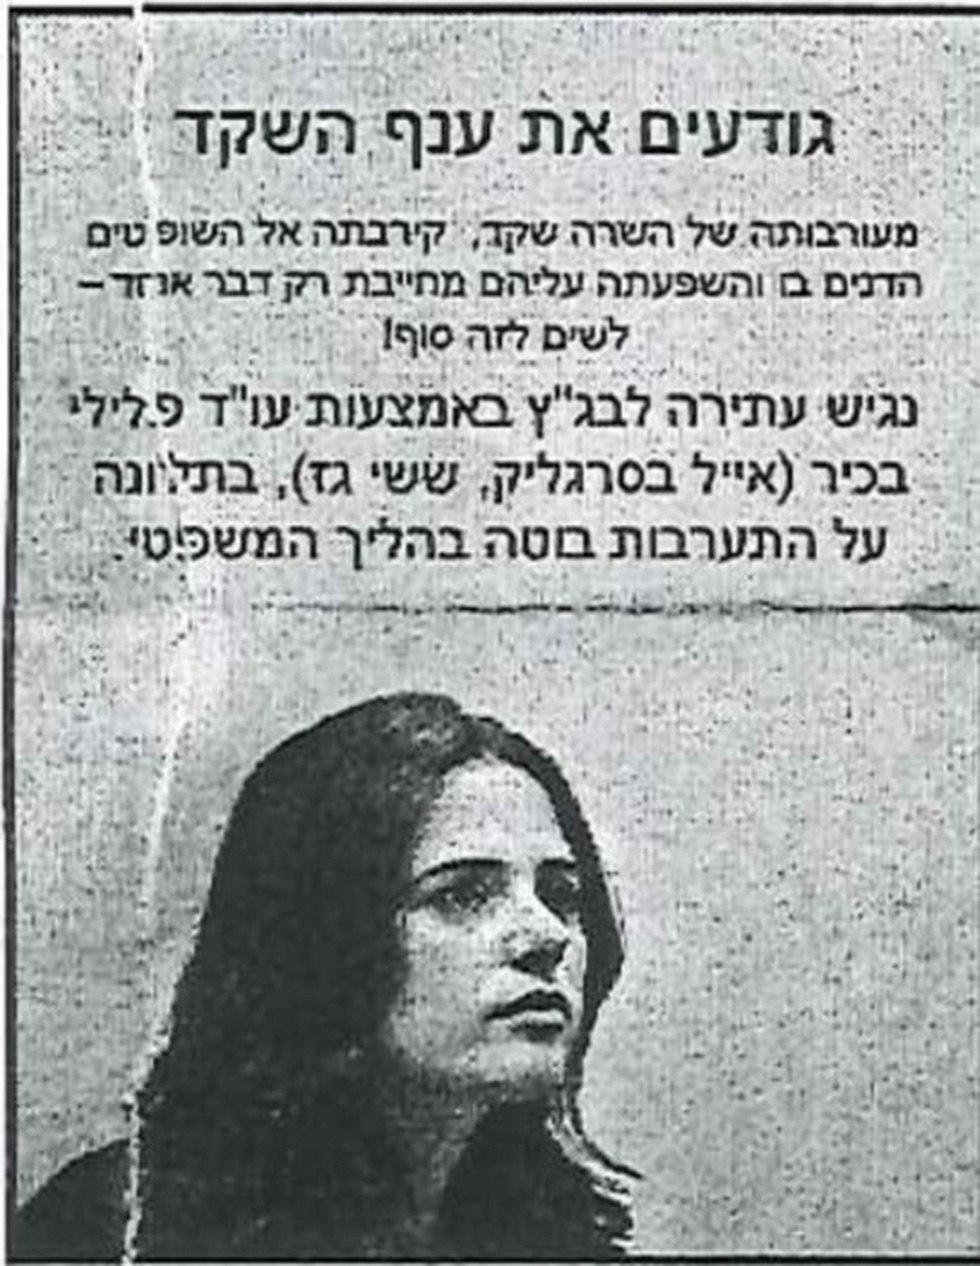 הקמפיין נגד שקד ()